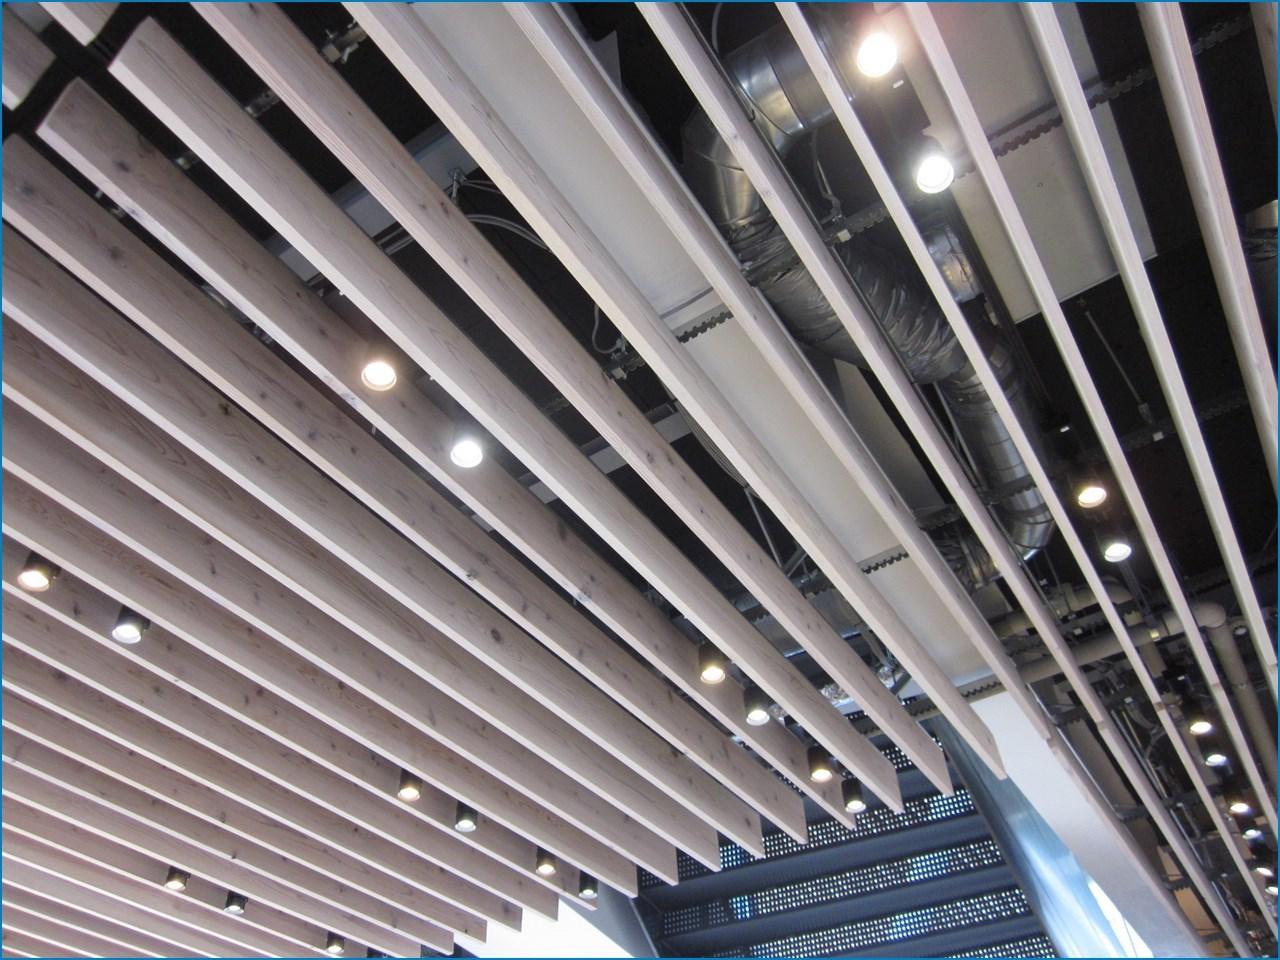 静岡理工科大学 理工学部 建築学科棟の見学 1_c0376508_15420623.jpg